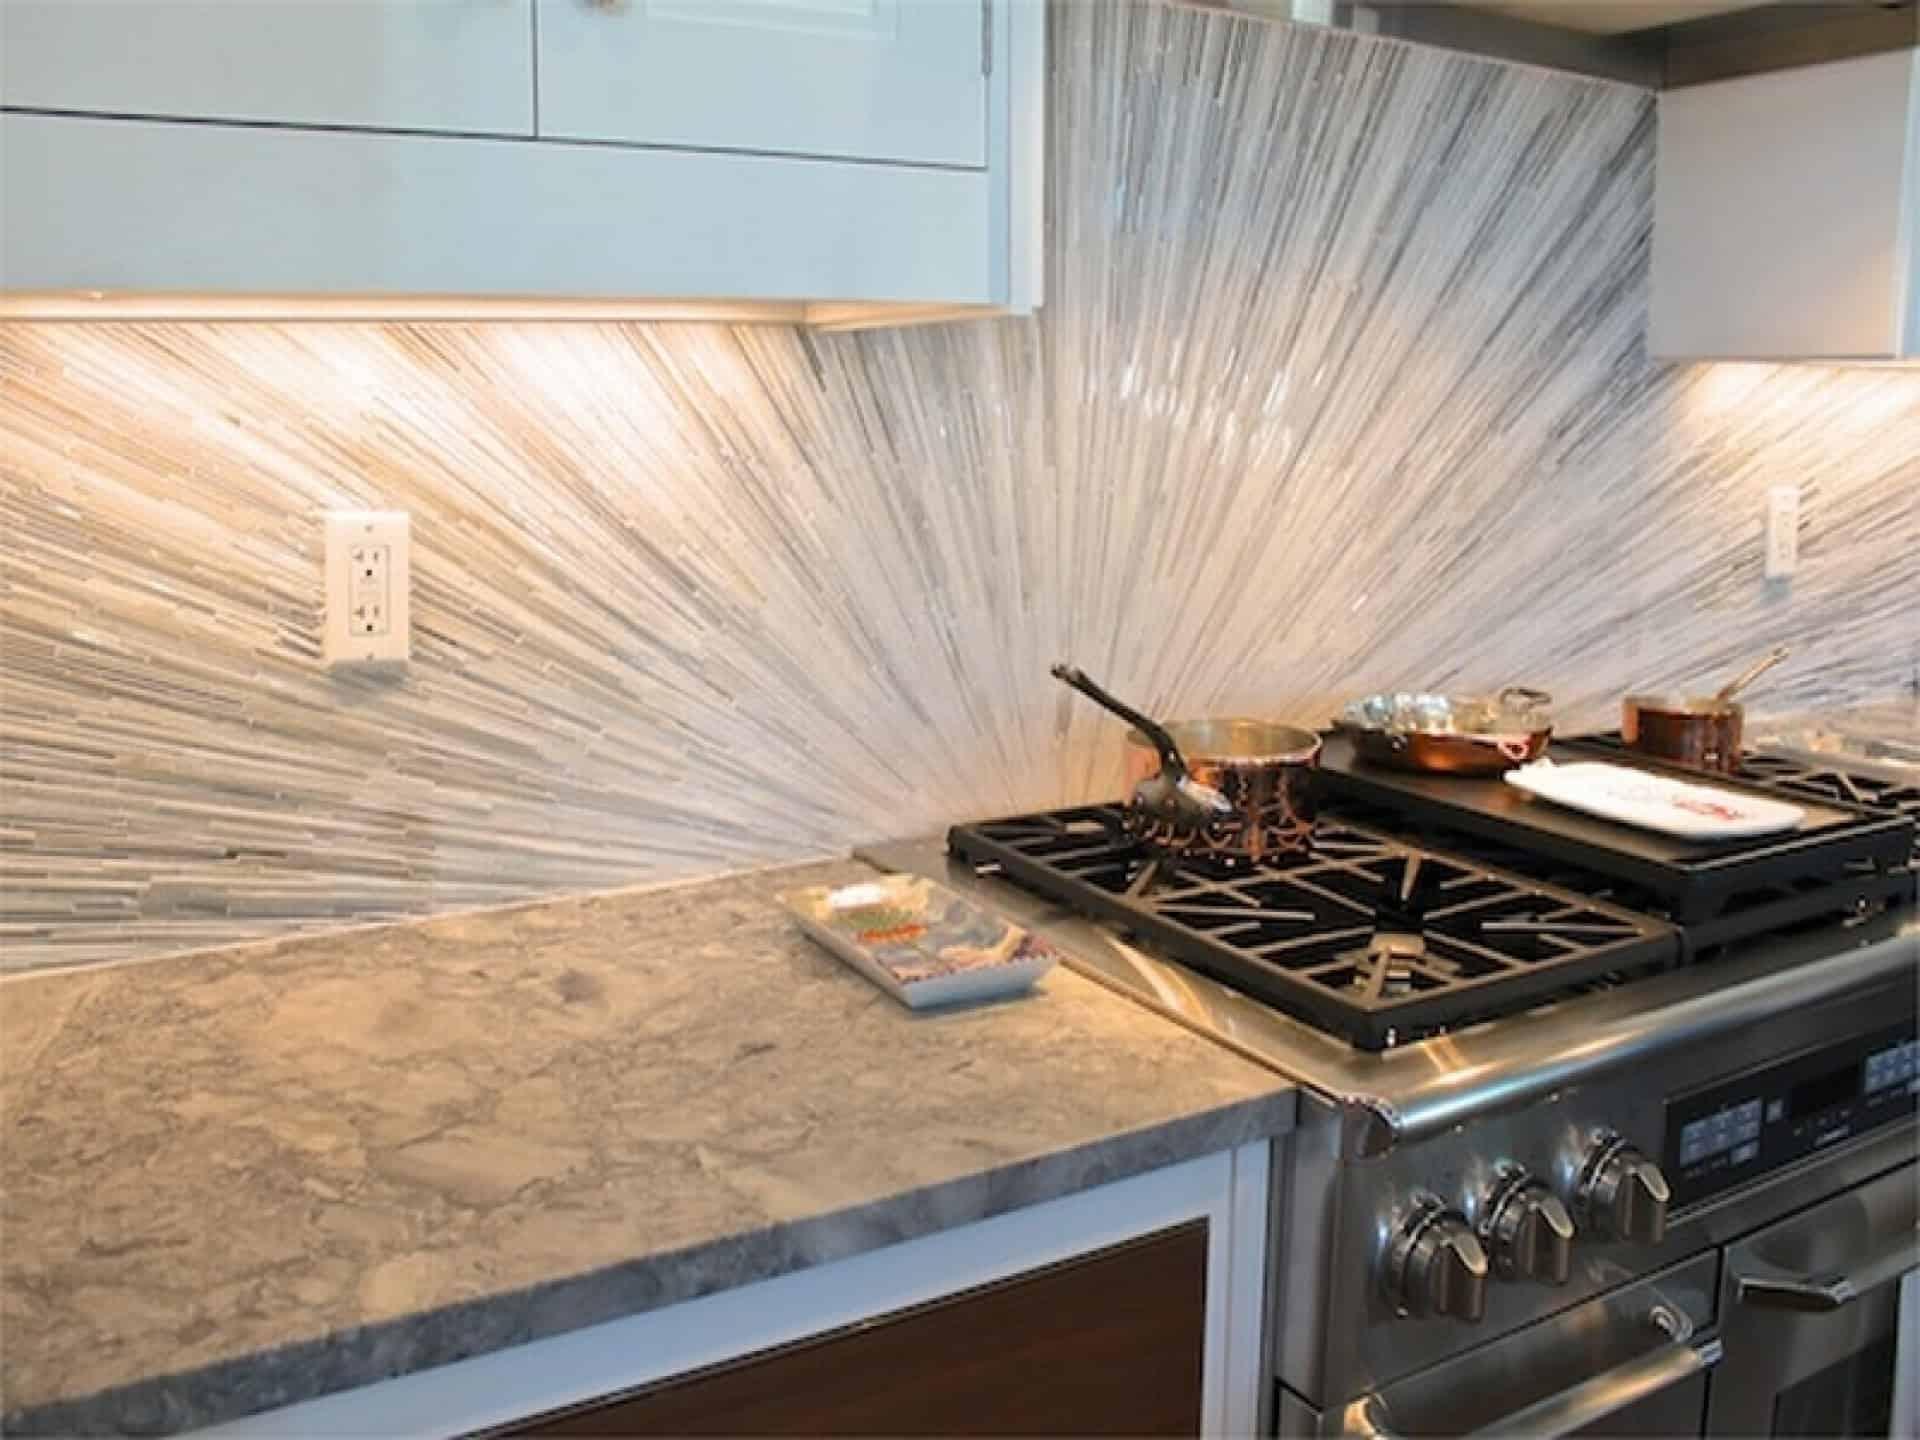 kitchen-backsplash-glass-tile-regarding-glass-tile-backsplash-glass-within-elegant-glass-kitchen-backsplash-pictures